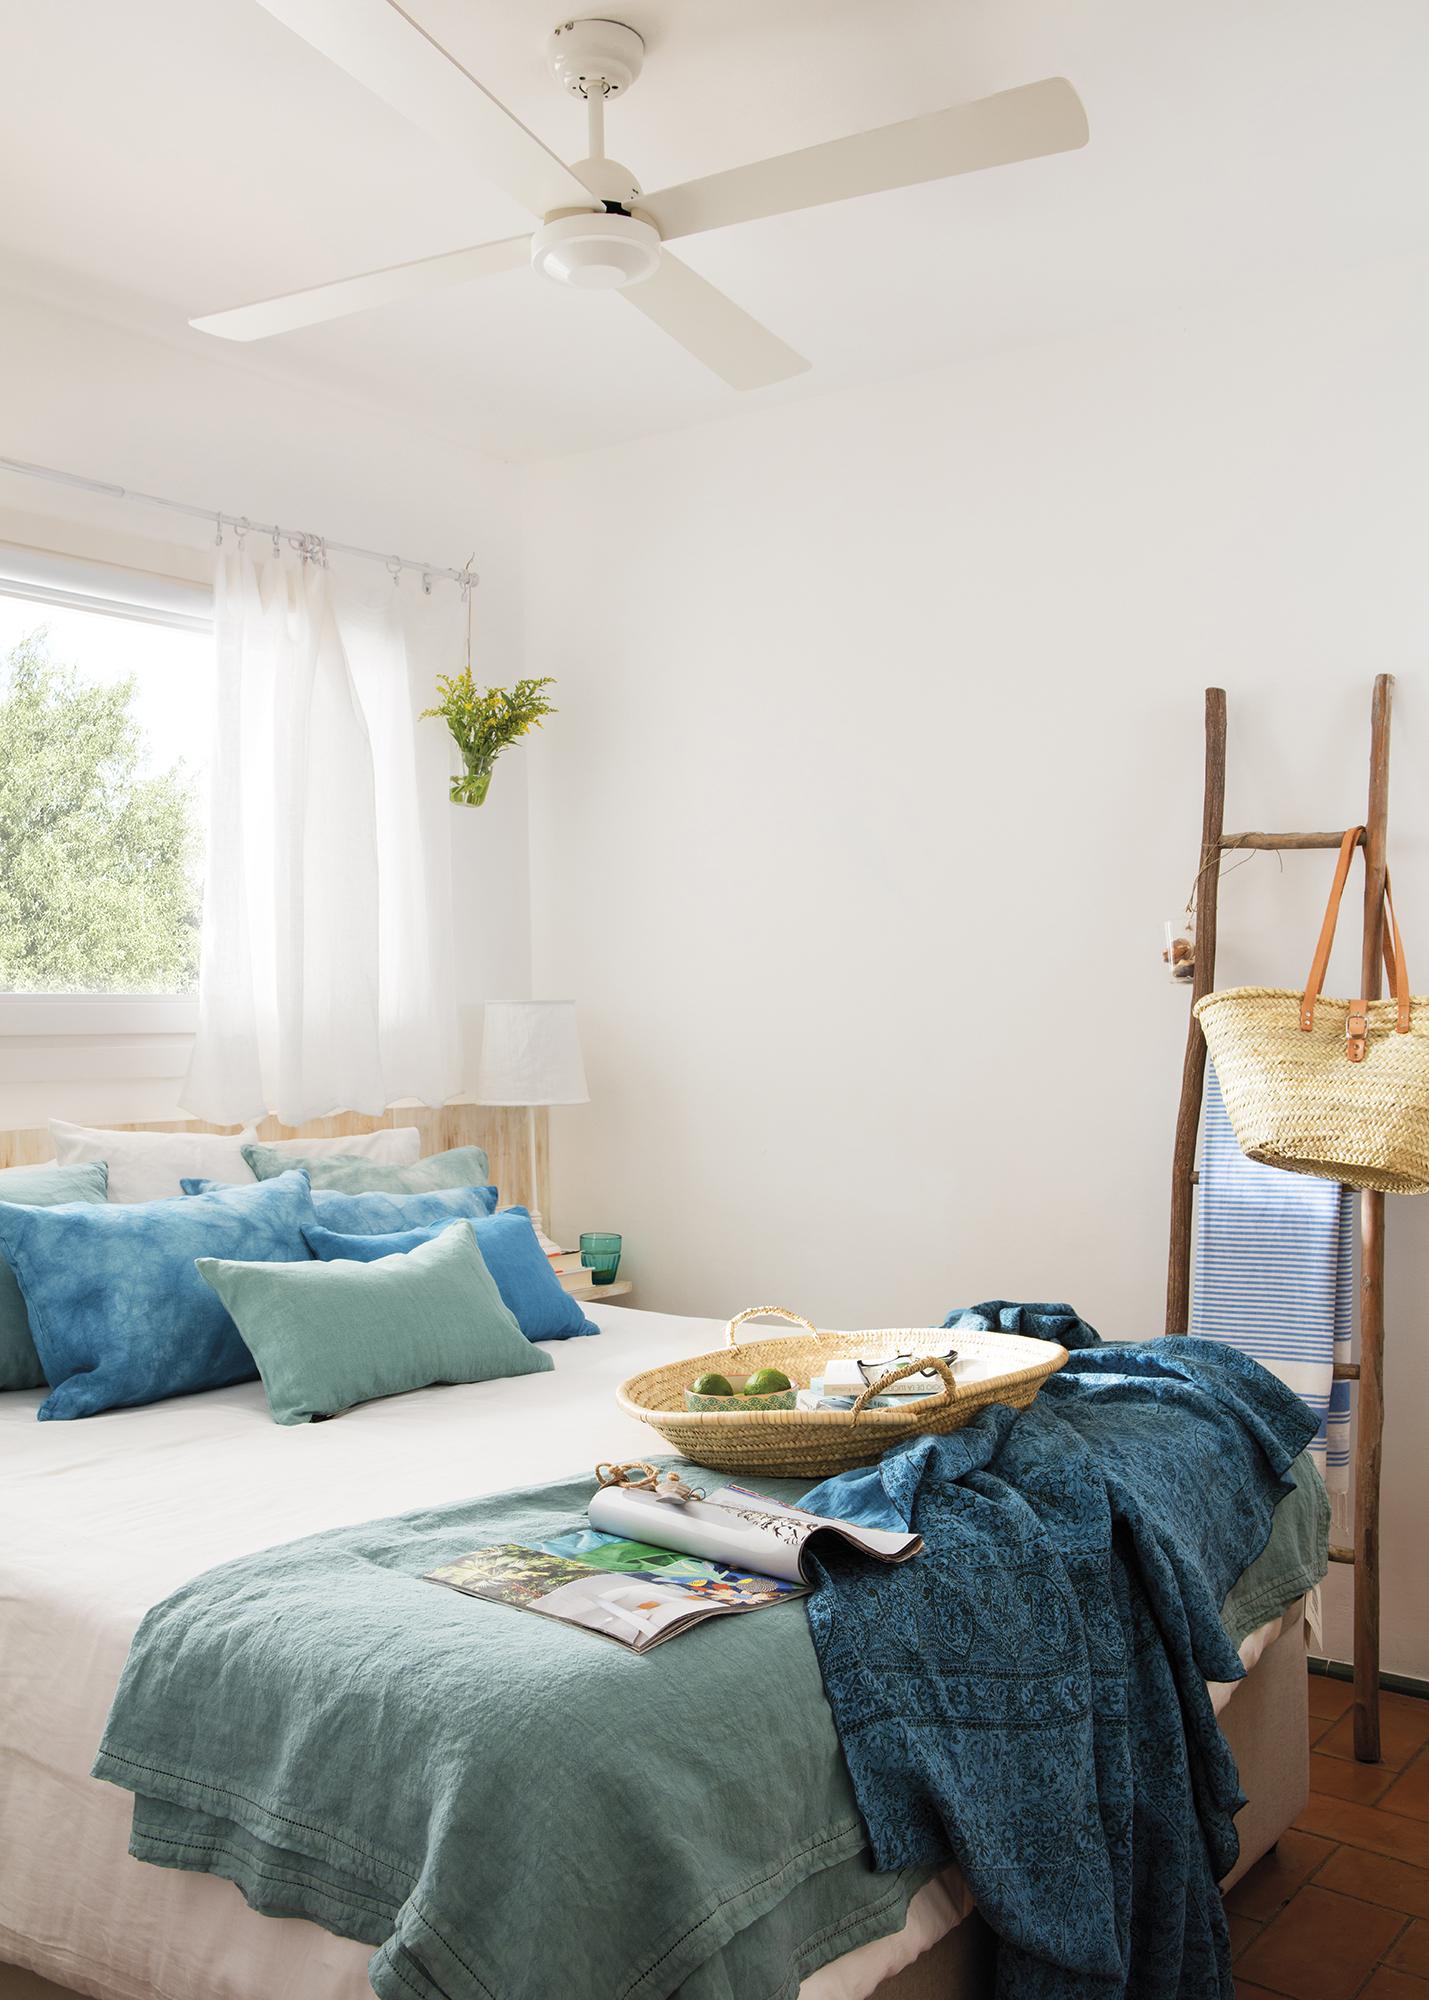 Pano665-669. Sencillo y pequeño dormitorio con ropa de cama en blanco y cojines y plaids en tonos azules